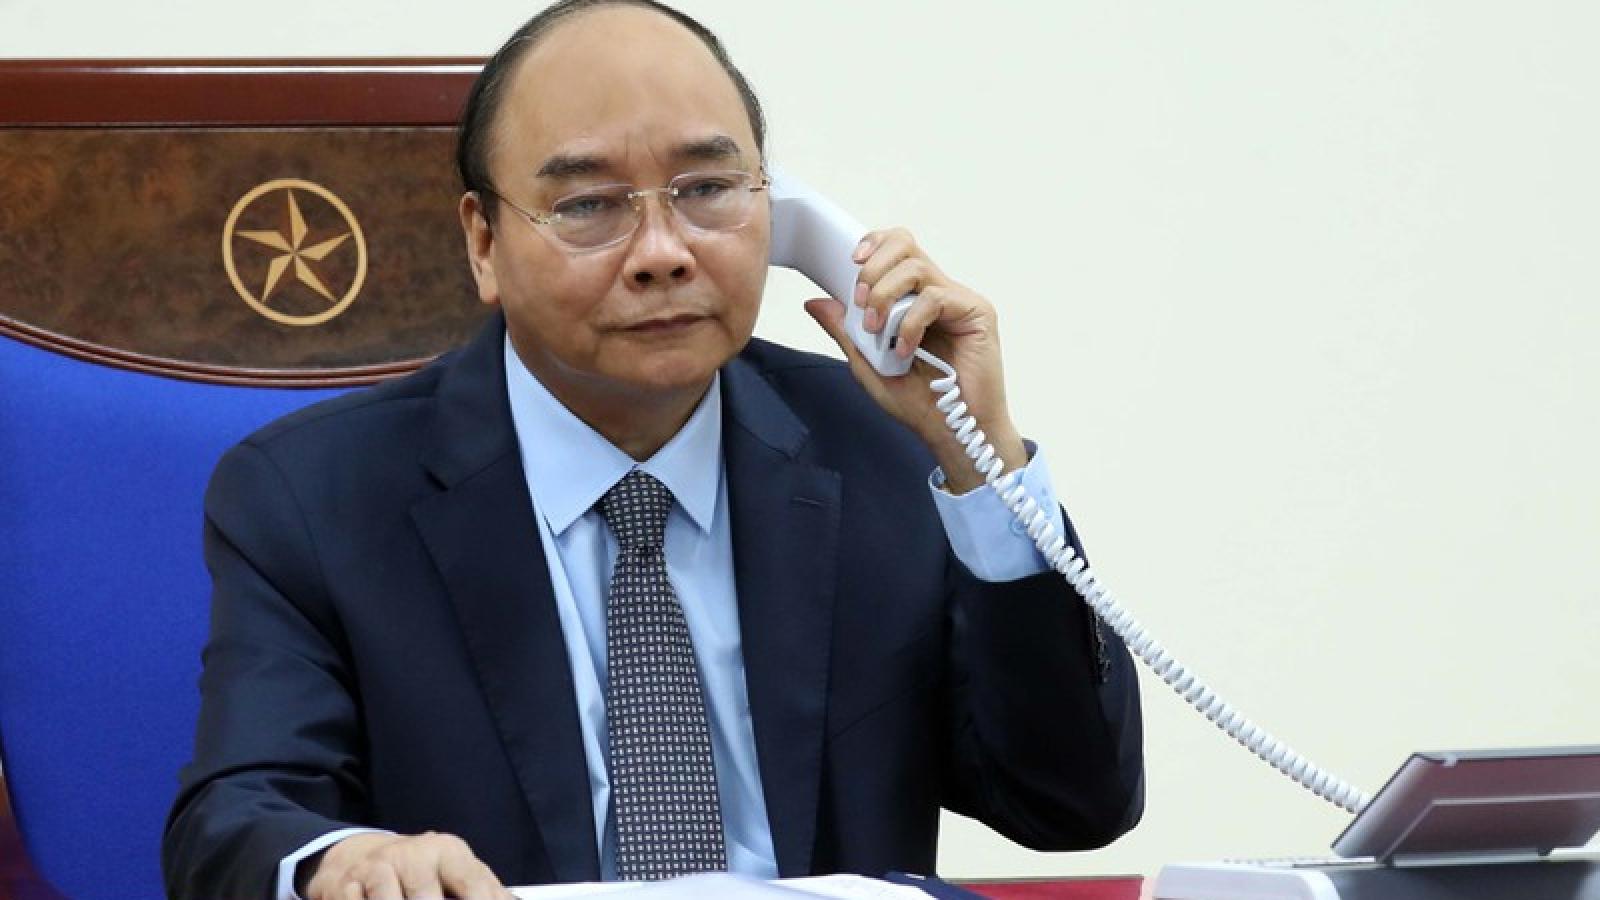 Thủ tướng Nguyễn Xuân Phúc điện đàm với Thủ tướng Liên bang Nga